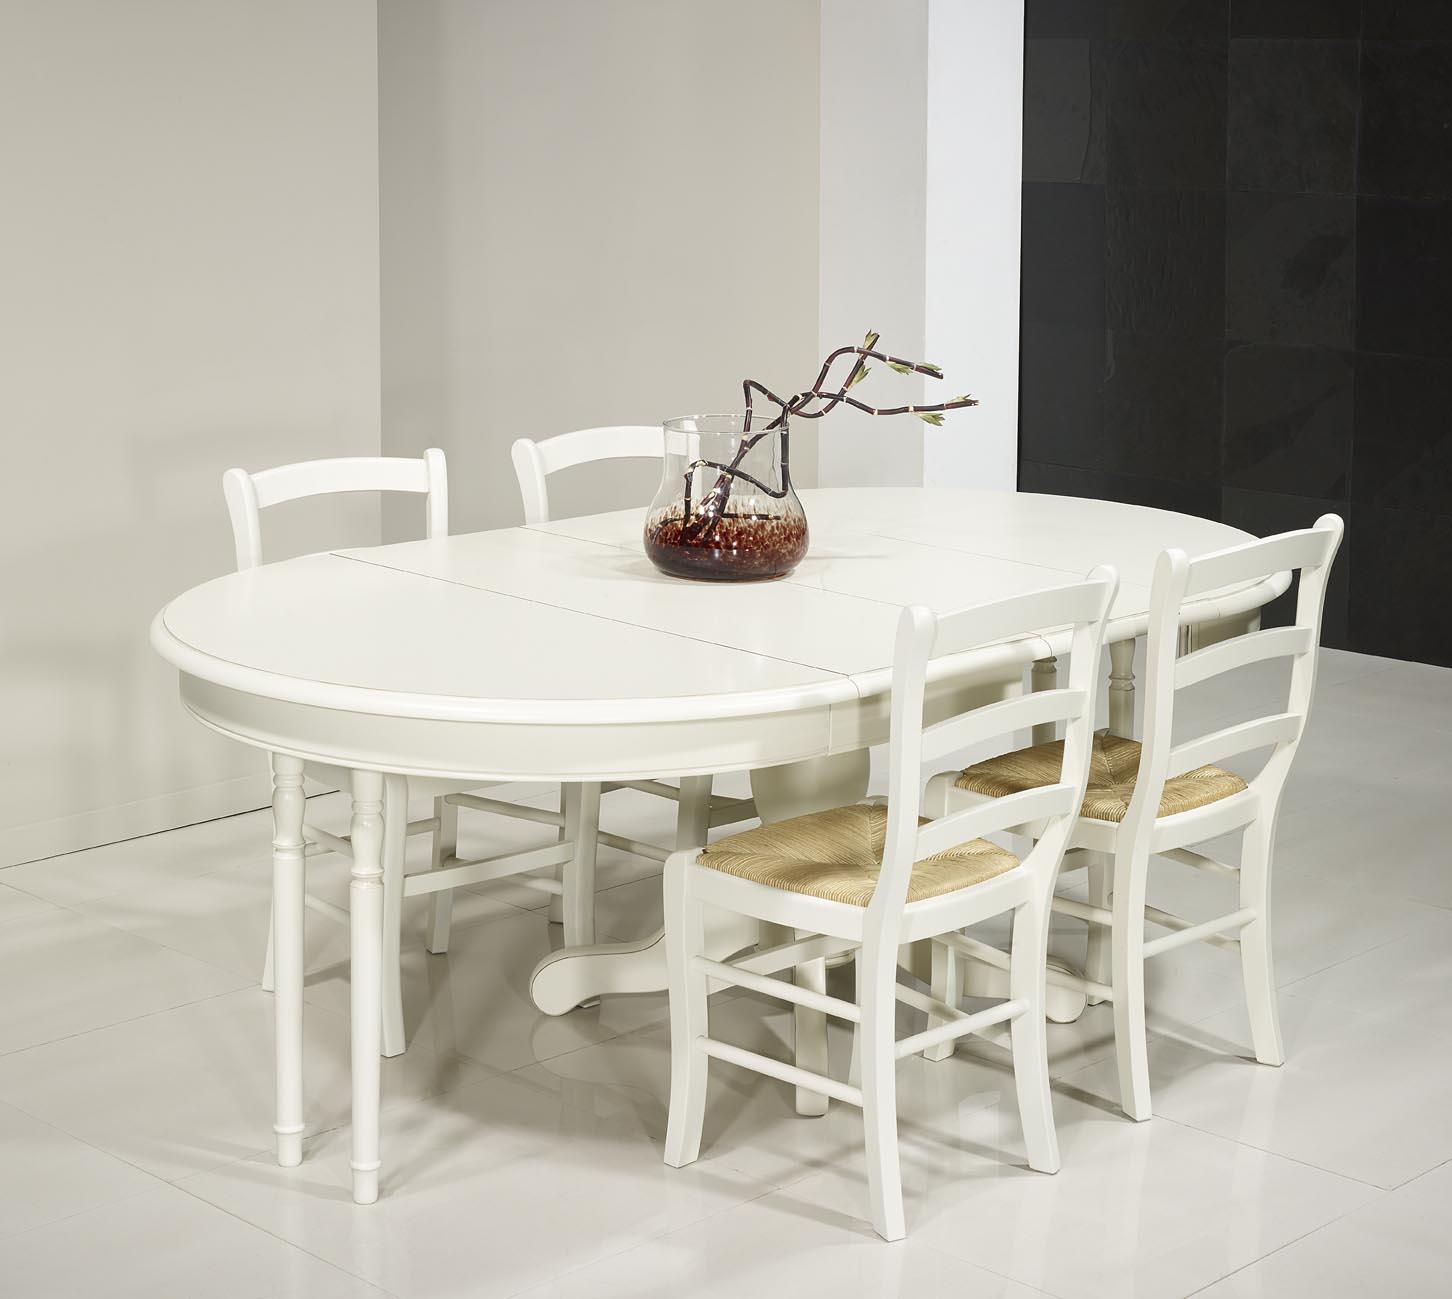 table ronde pied central en merisier massif de style louis philippe diametre 120 2 allonges de. Black Bedroom Furniture Sets. Home Design Ideas